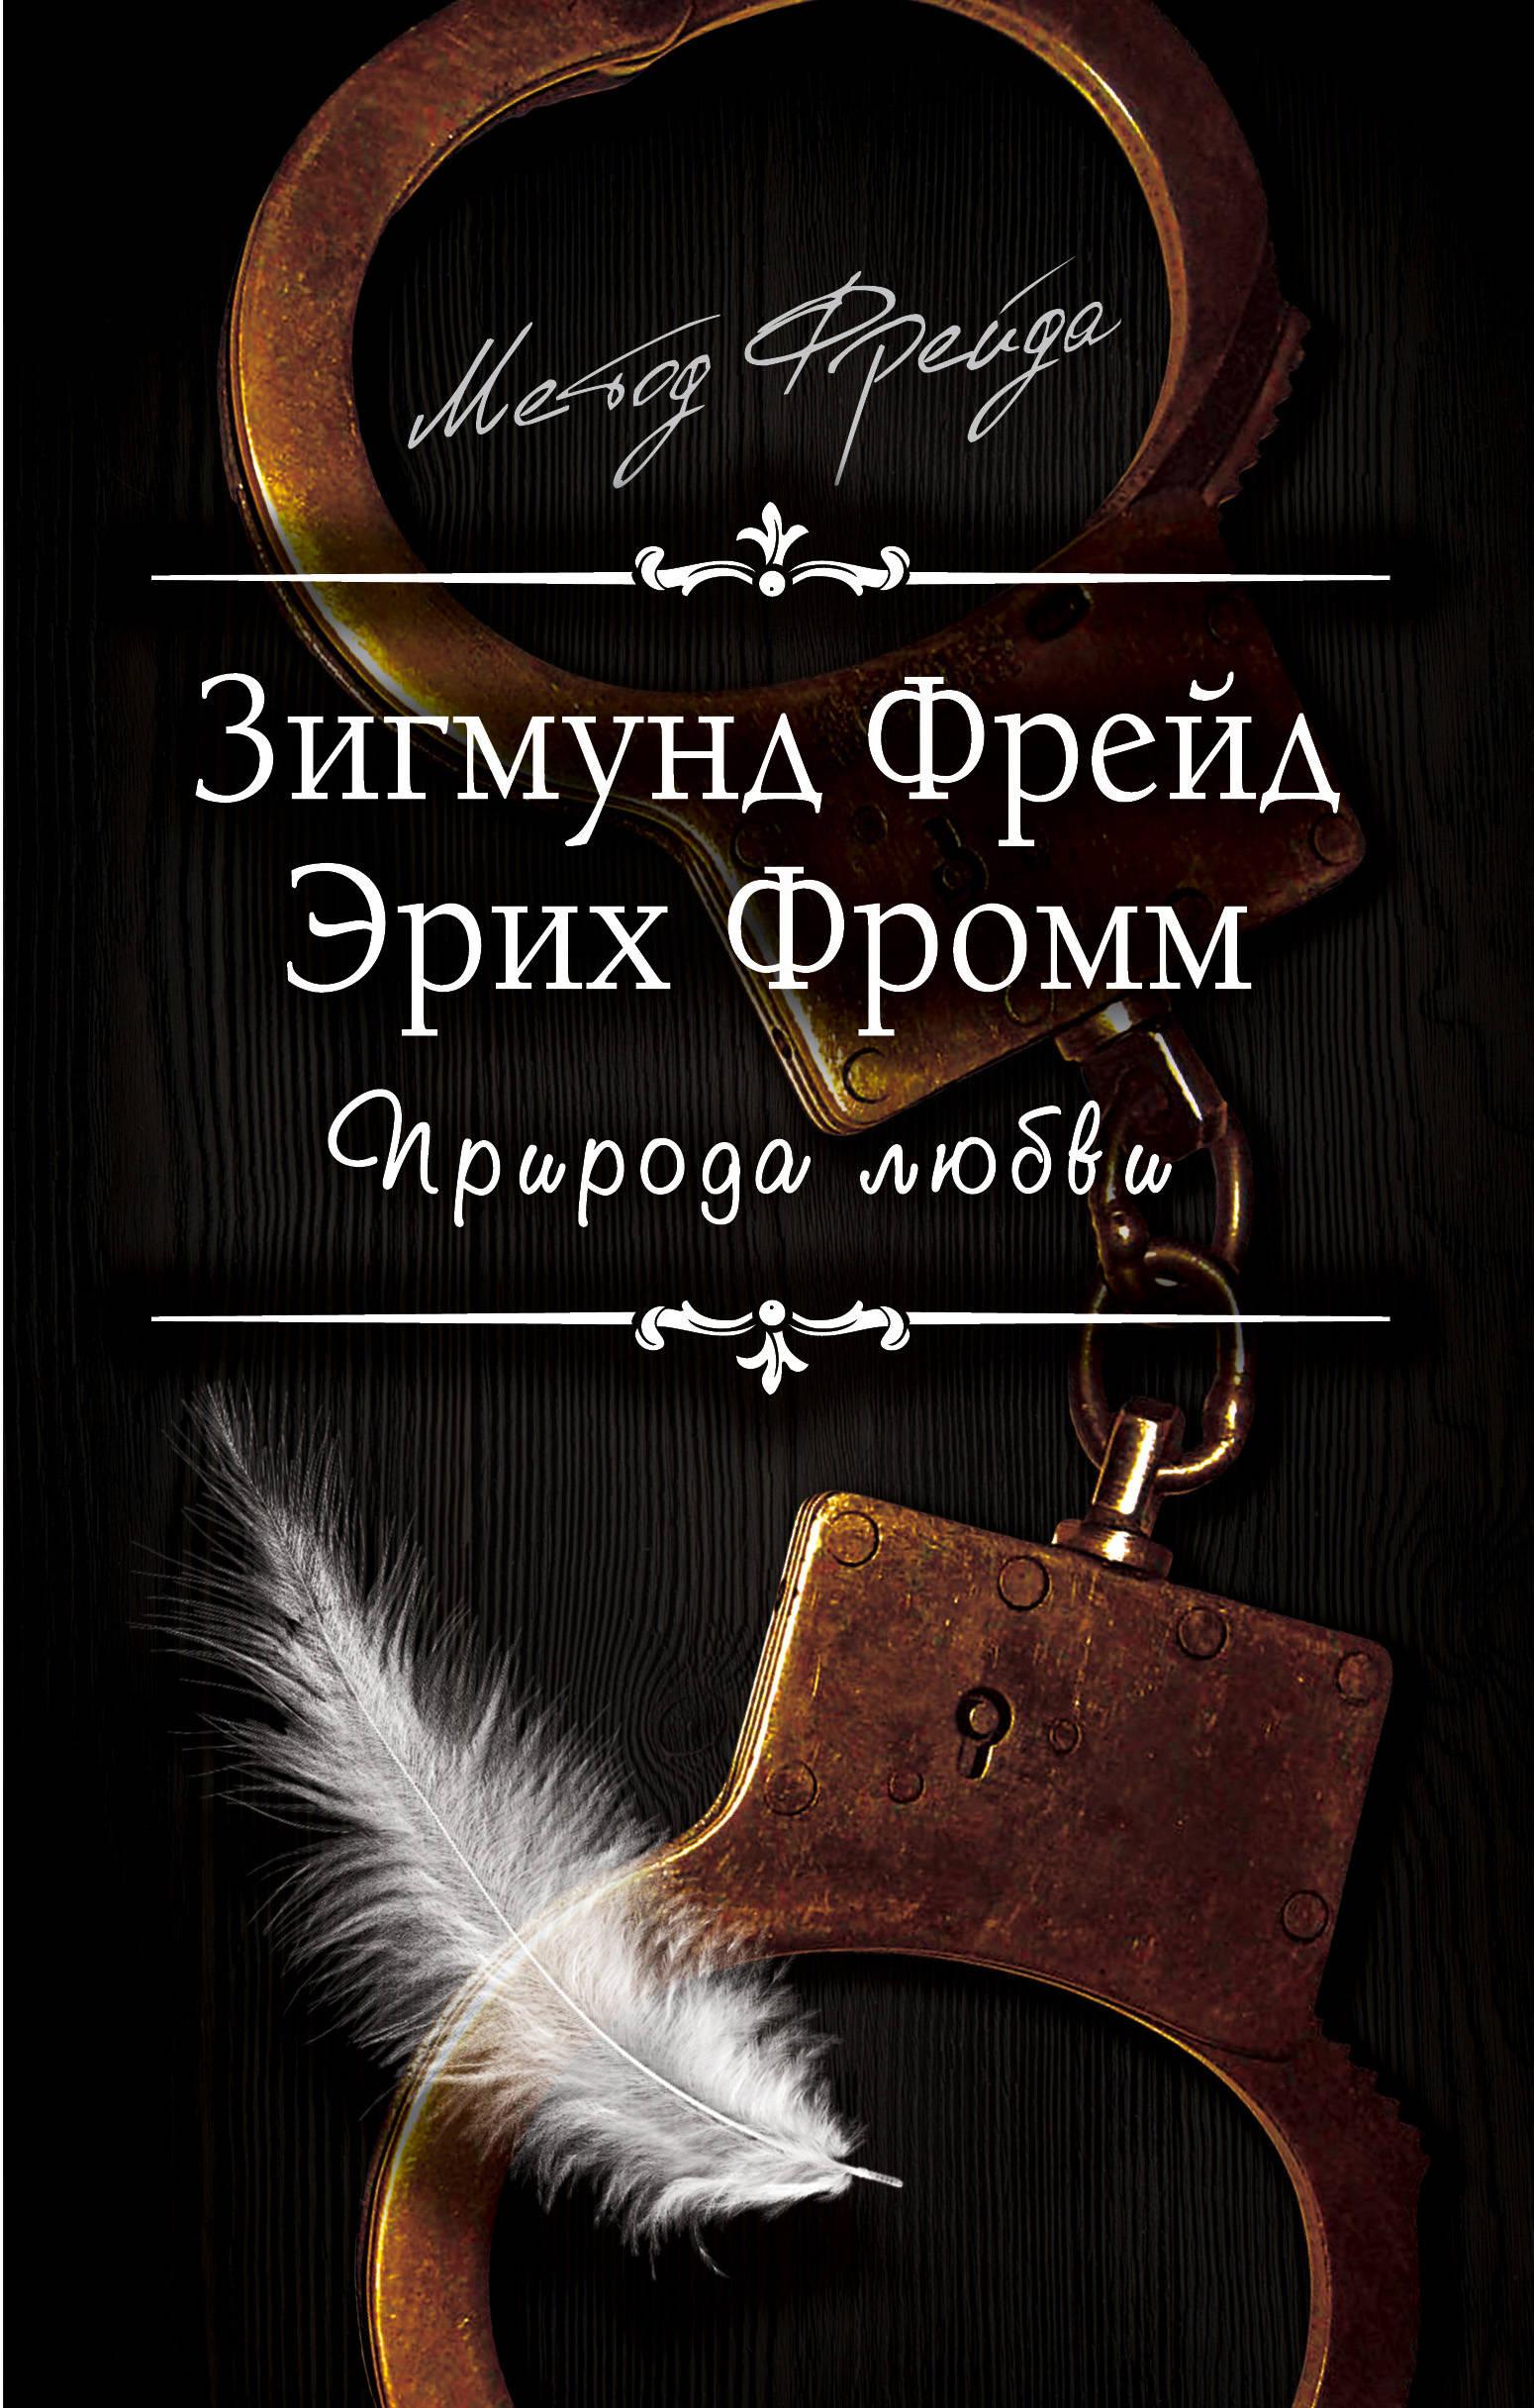 Зигмунд Фрейд, Эрих Фромм Природа любви